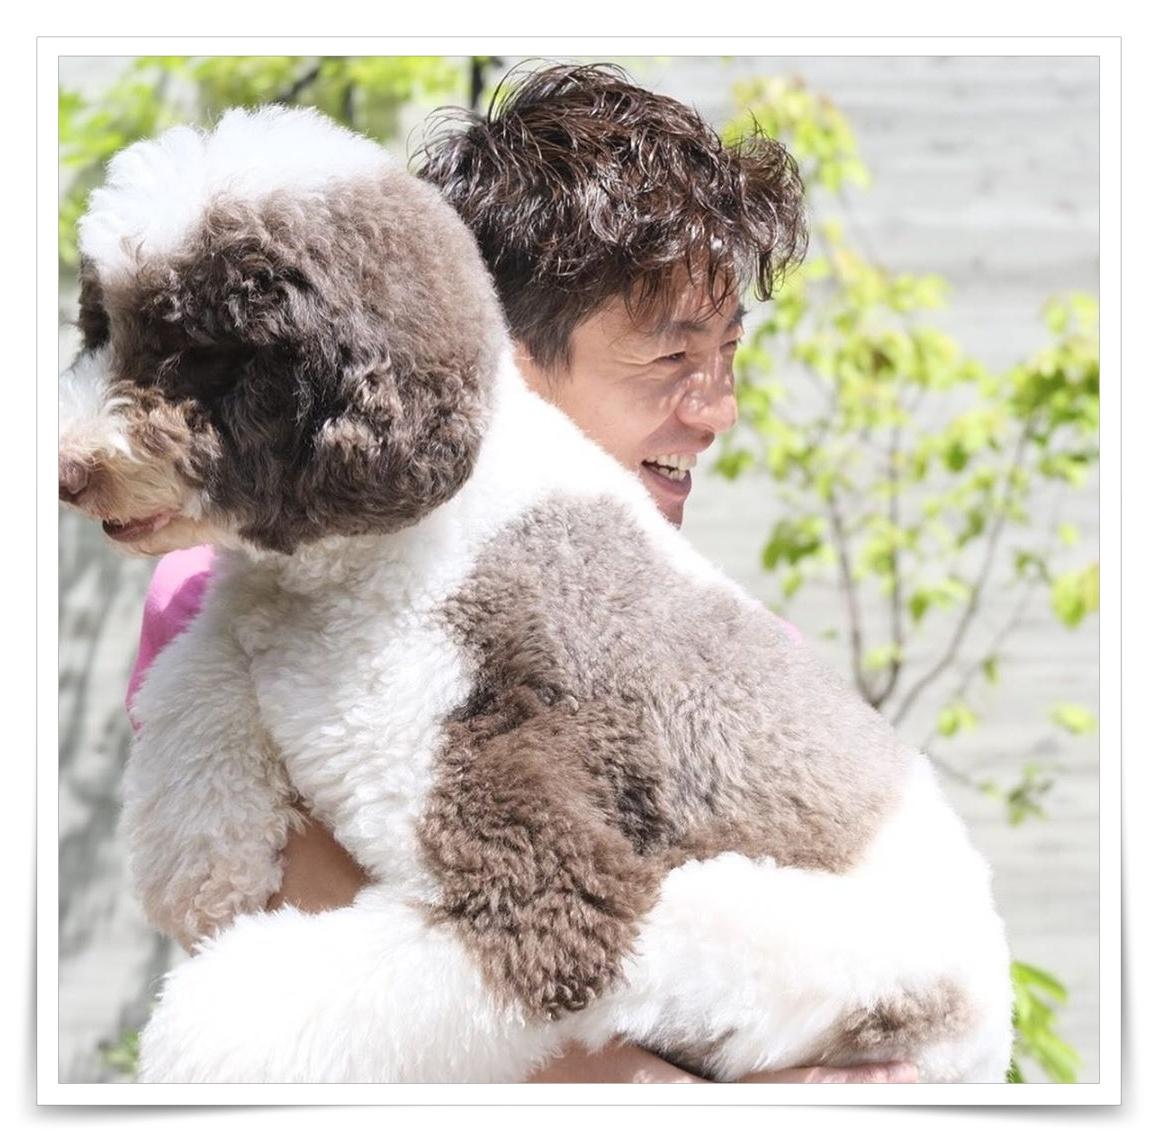 キムタクと犬のインスタ画像